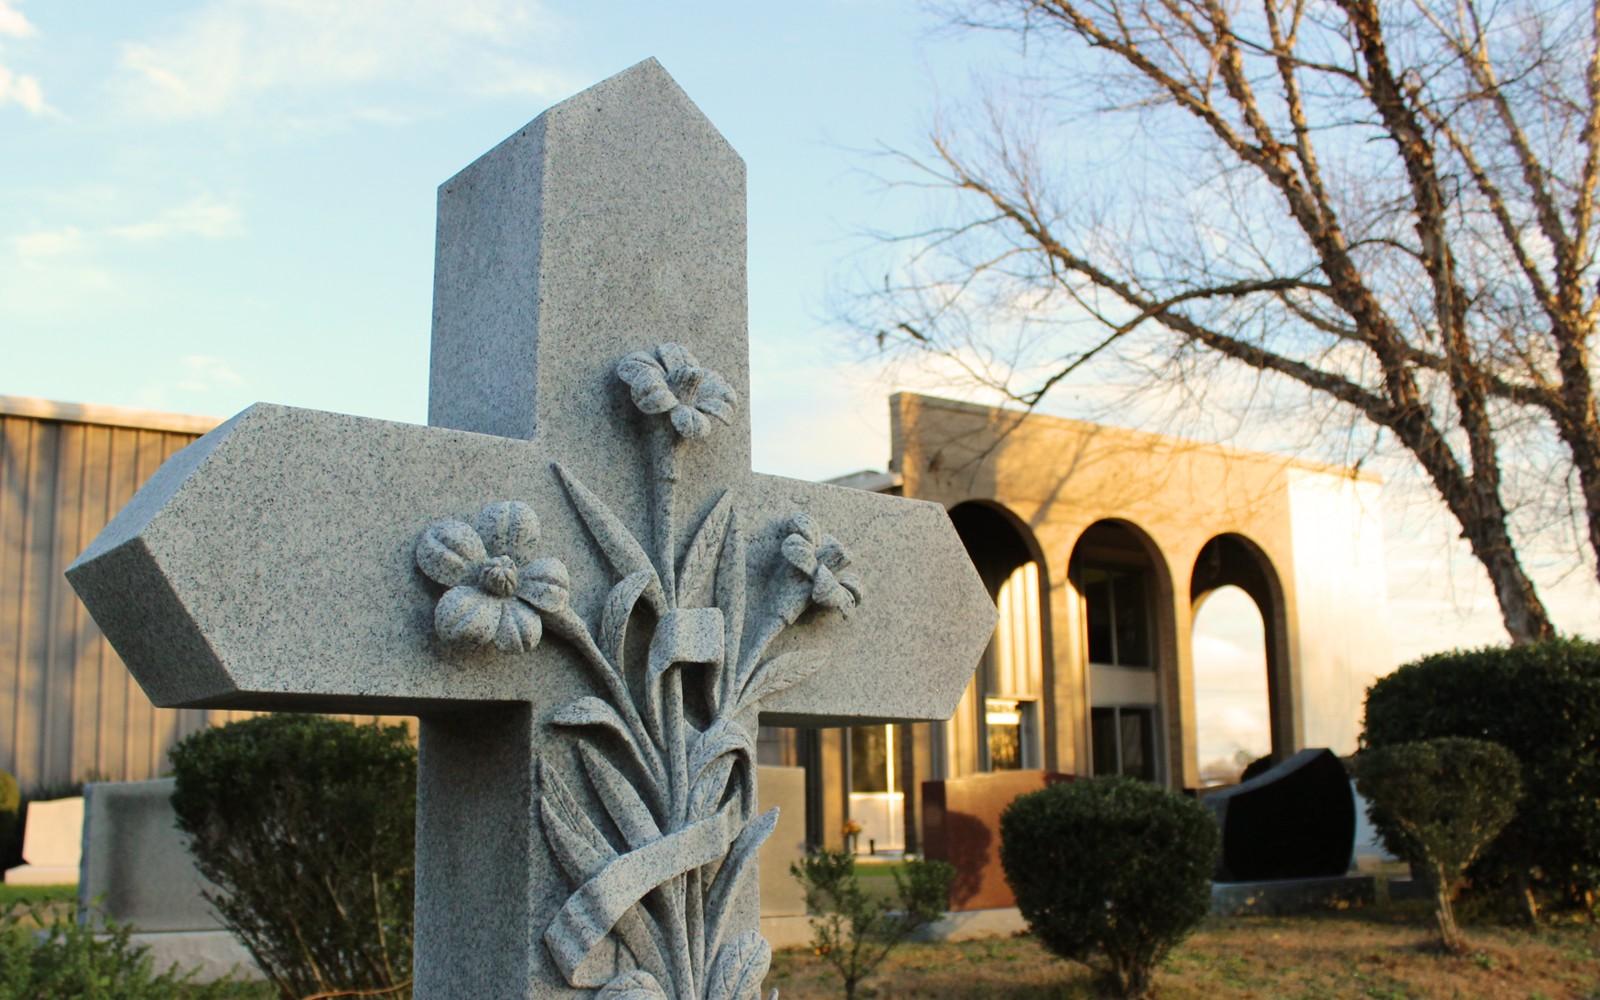 Brown Memorials 2423 David H McLeod Blvd, Florence, SC 29501